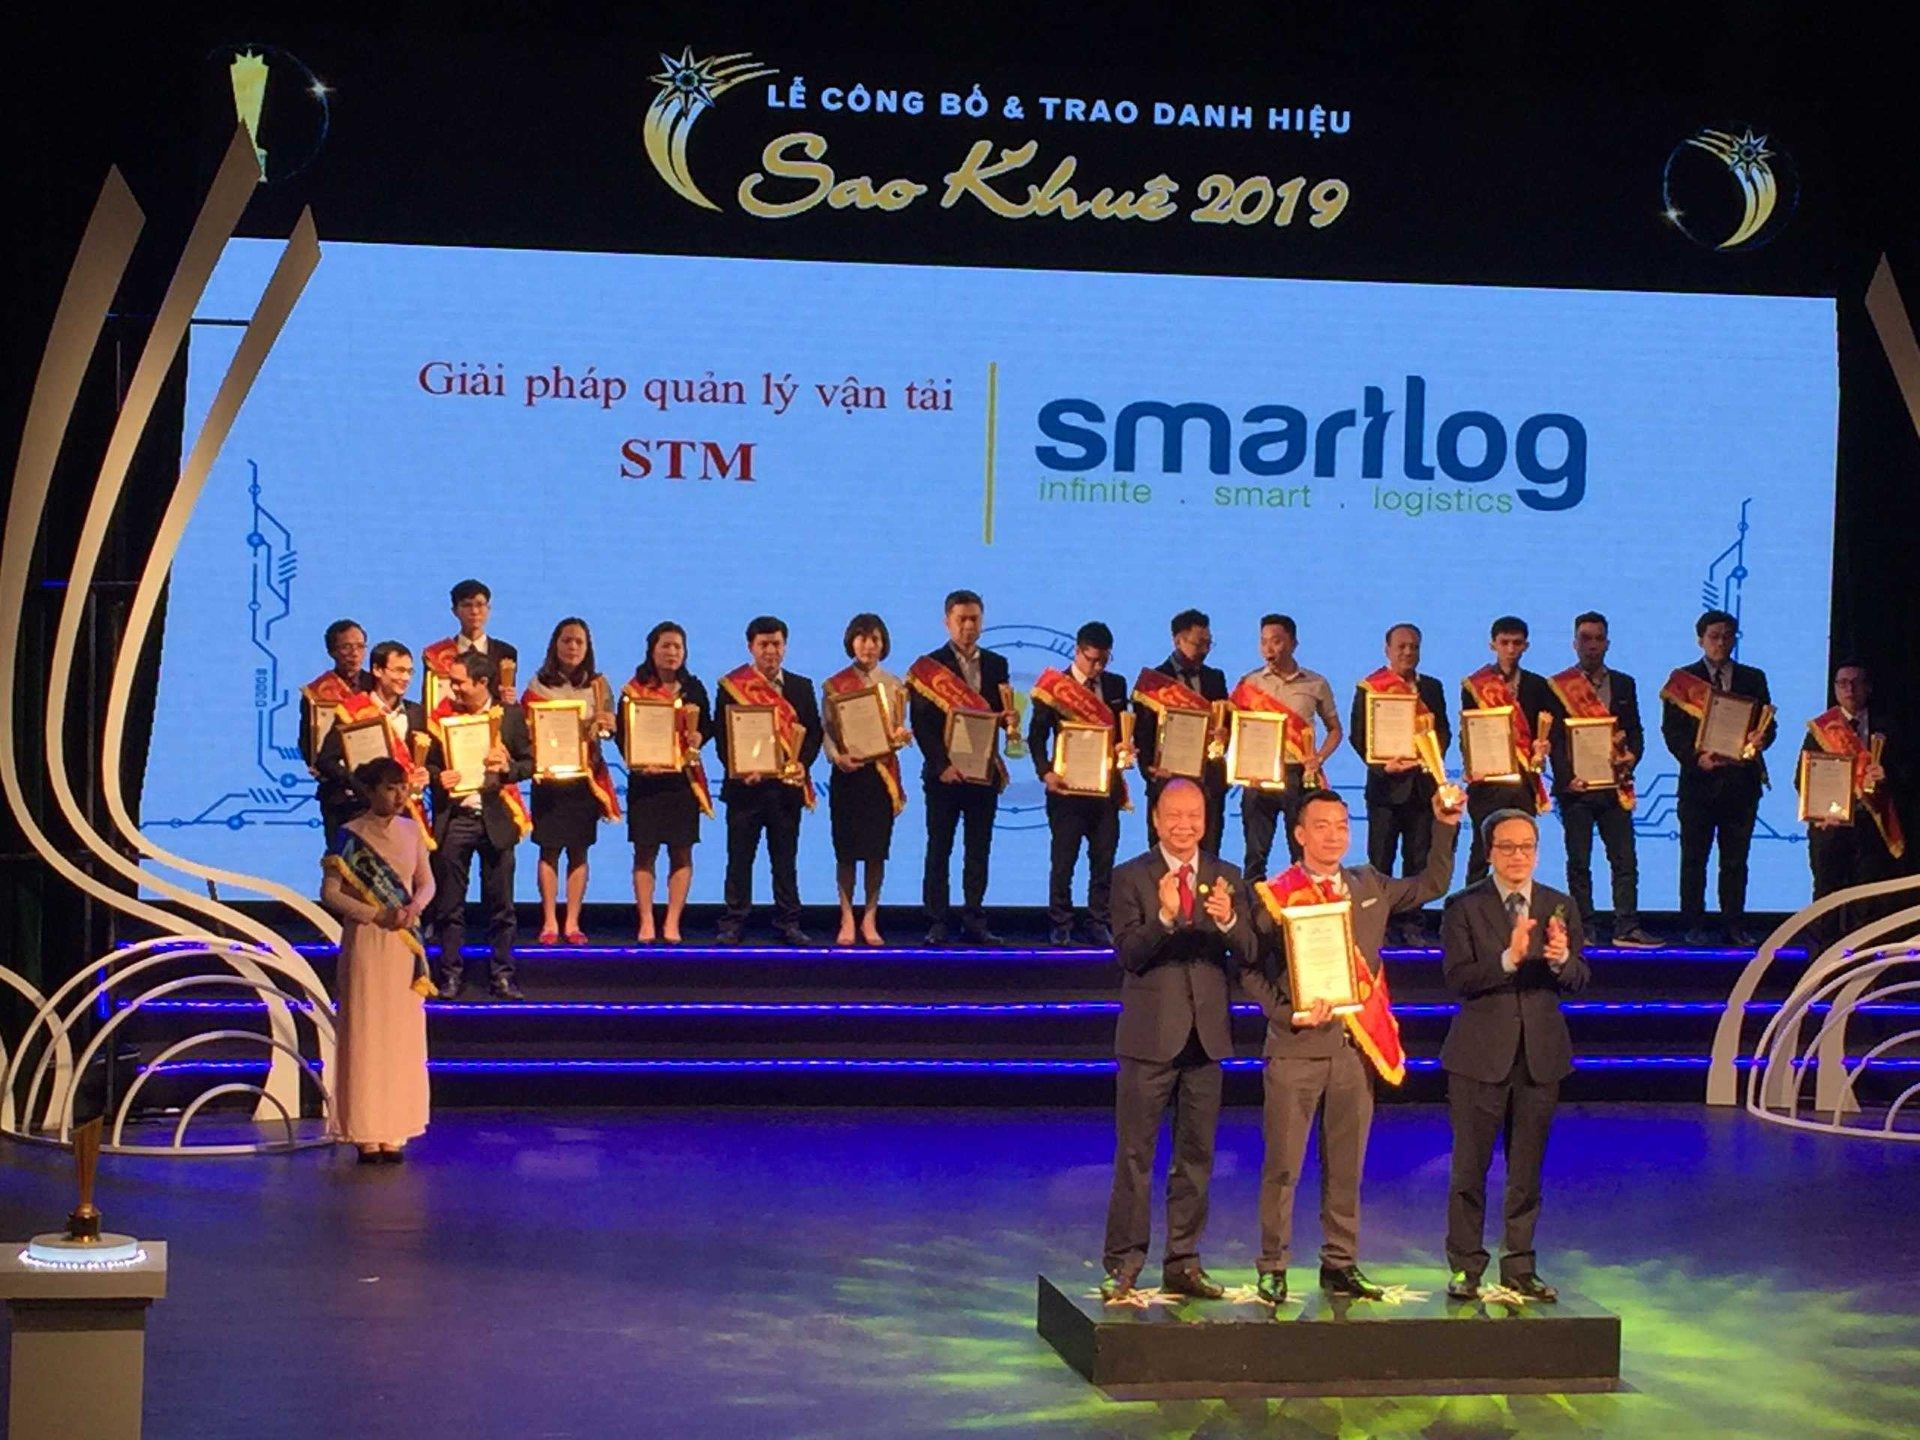 SMARTLOG – THE ONLY VIETNAMESE LOGTECH AWARDED SAO KHUÊ 2019